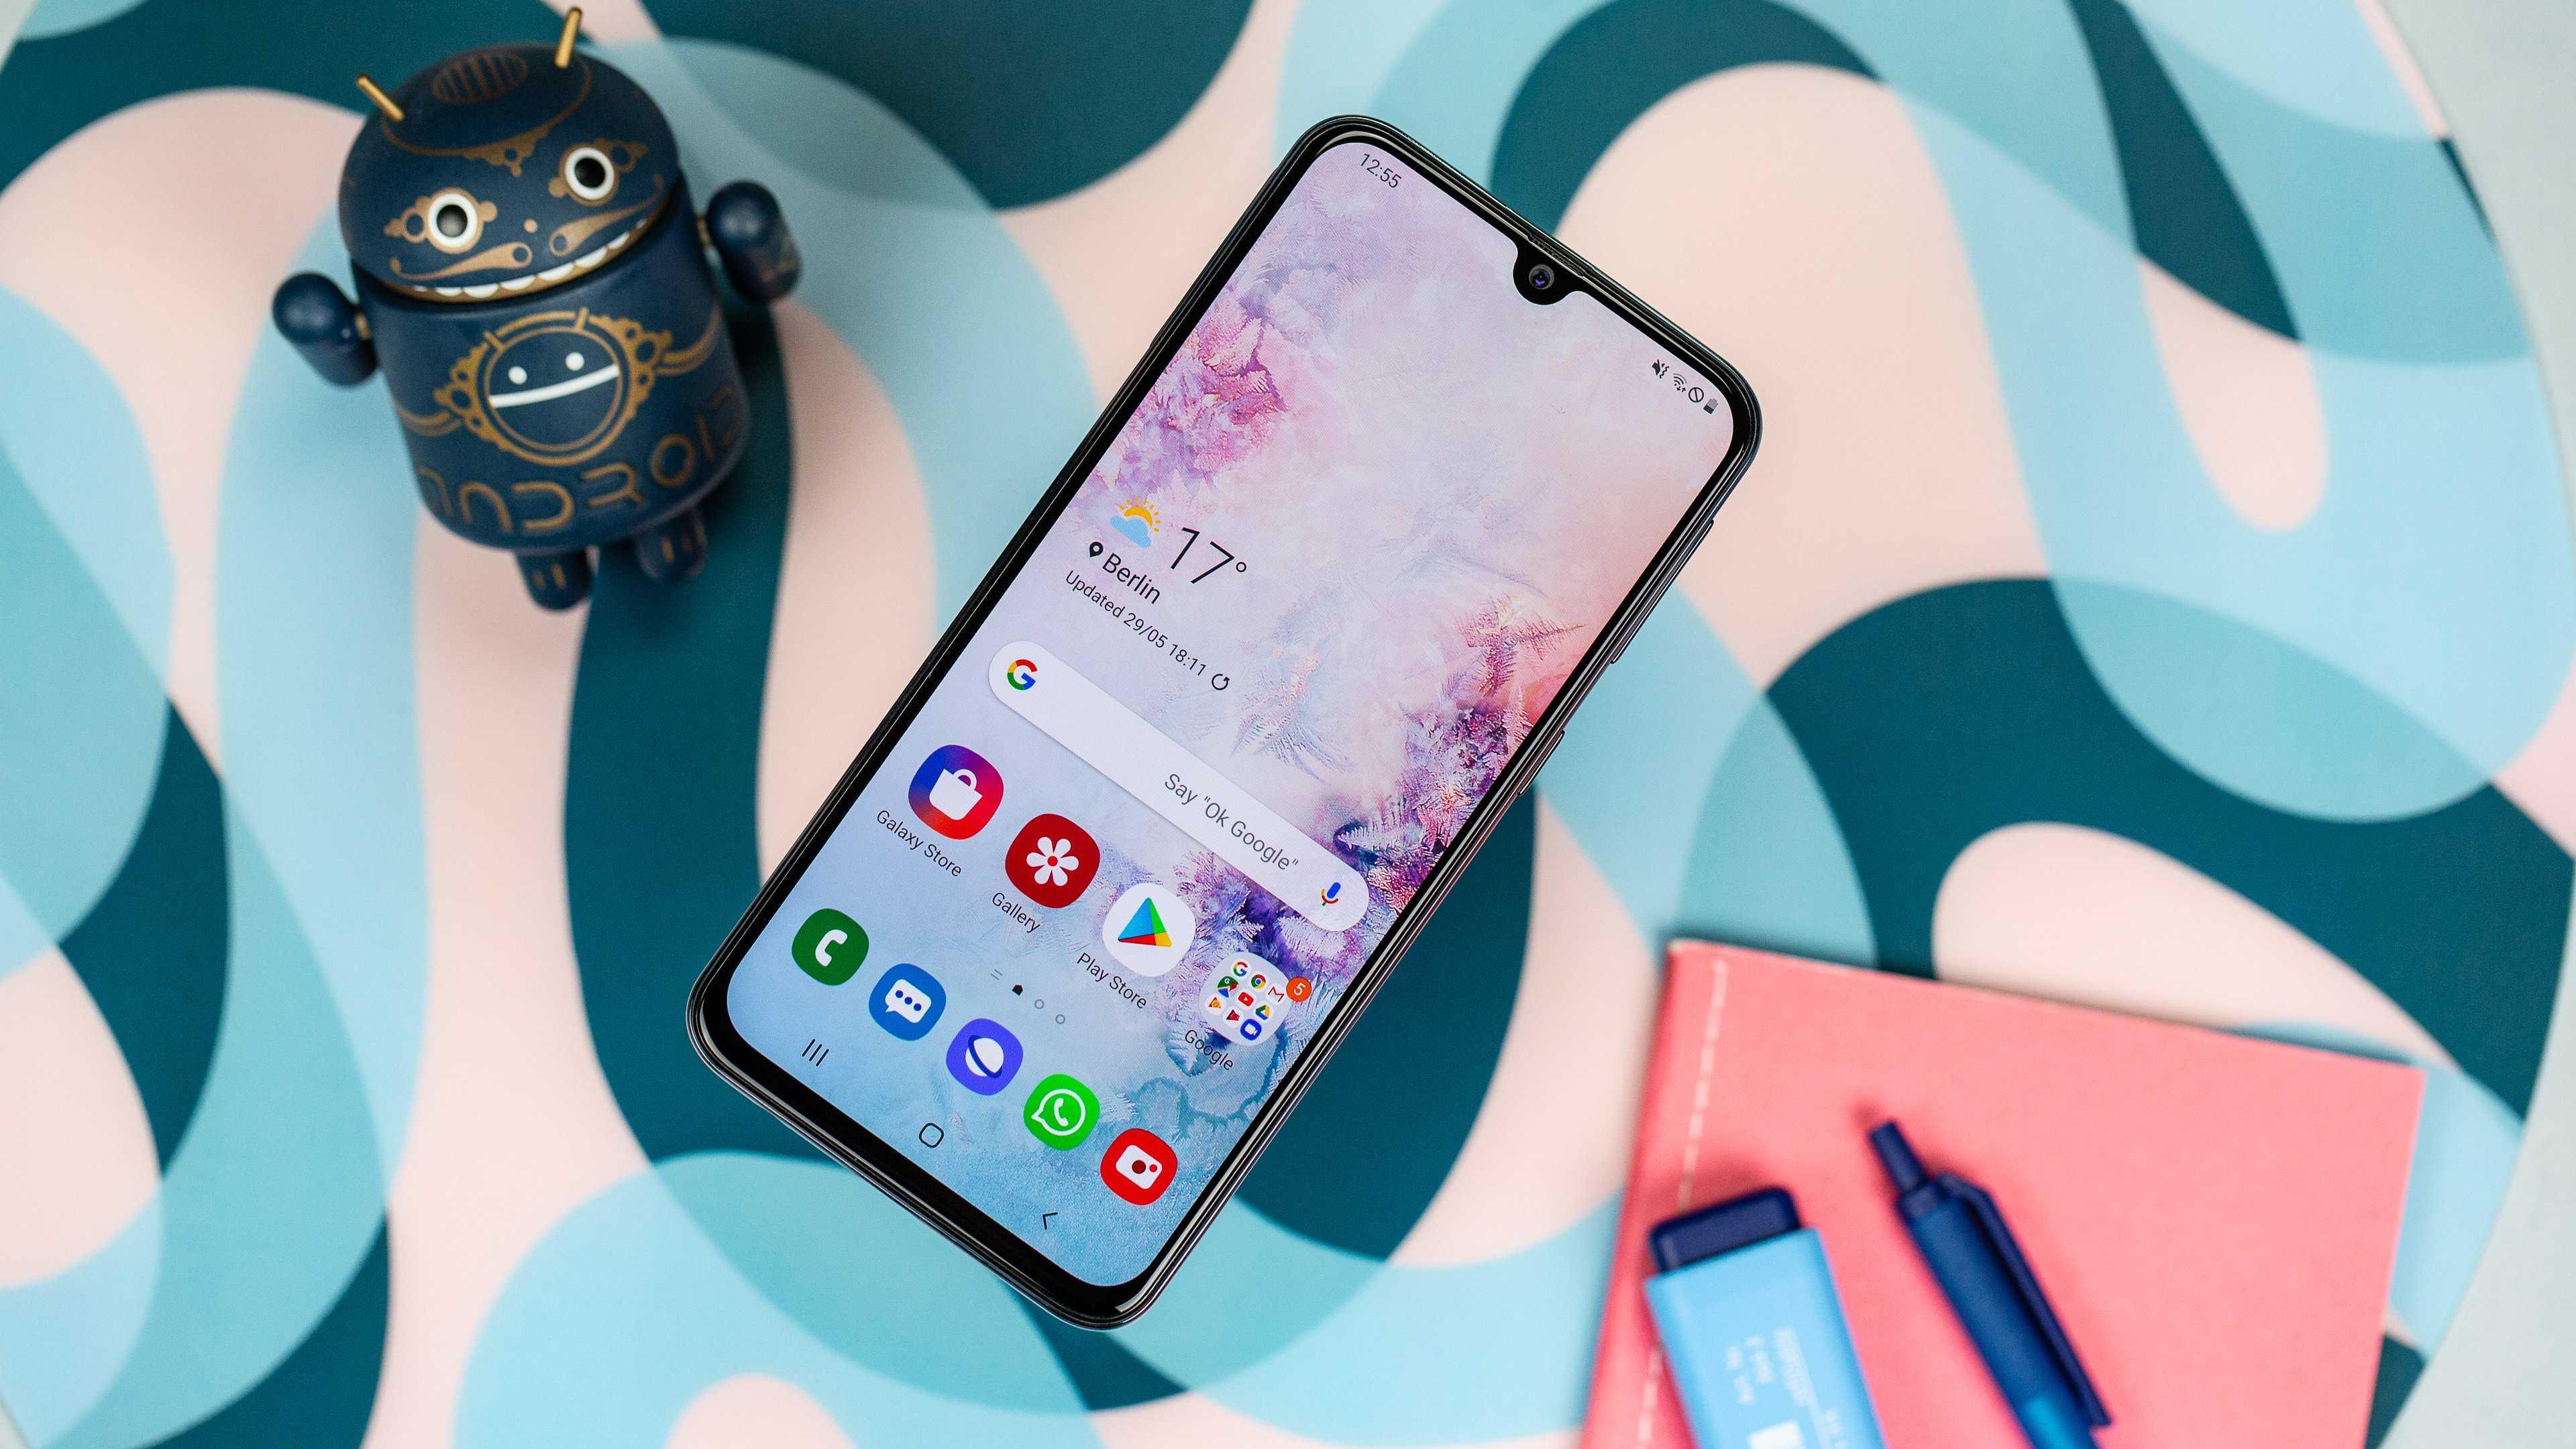 Samsung выпустит смартфон со встроенным криптовалютным кошельком ► последние новости